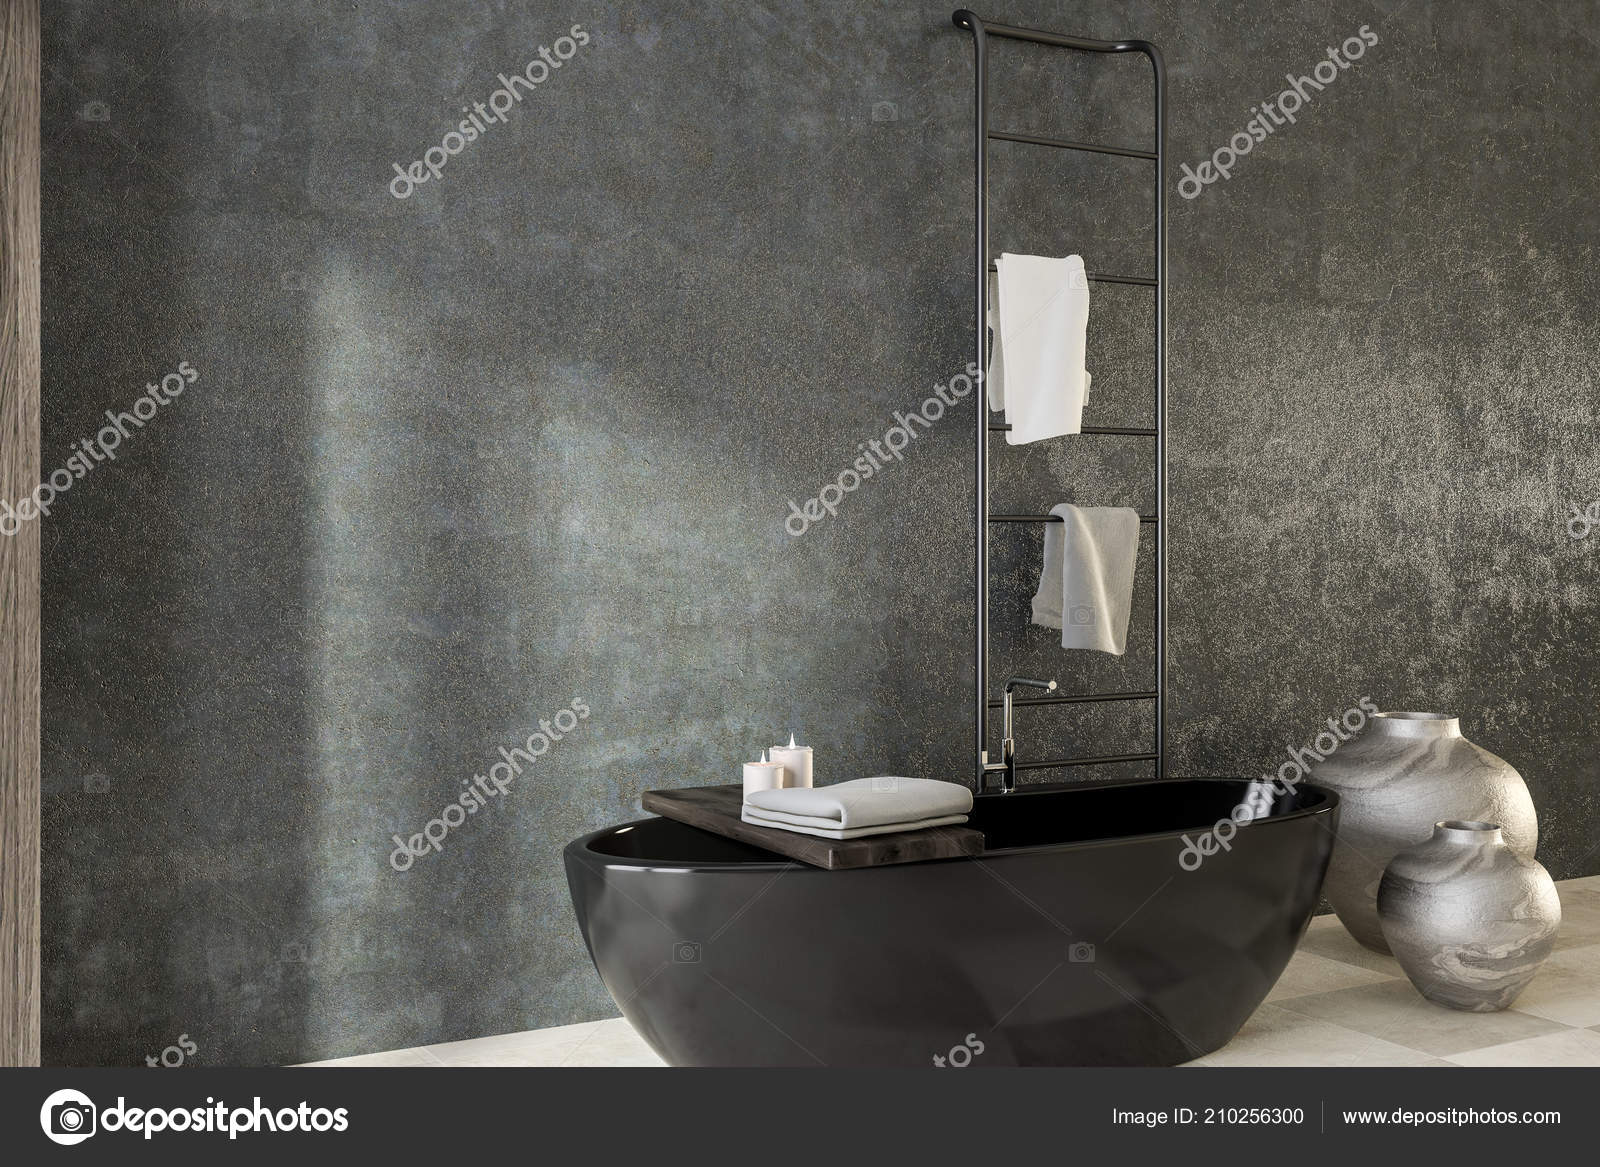 Vasca Da Lavare In Cemento : Interiore stanza bagno muro cemento con pavimento piastrelle vasca